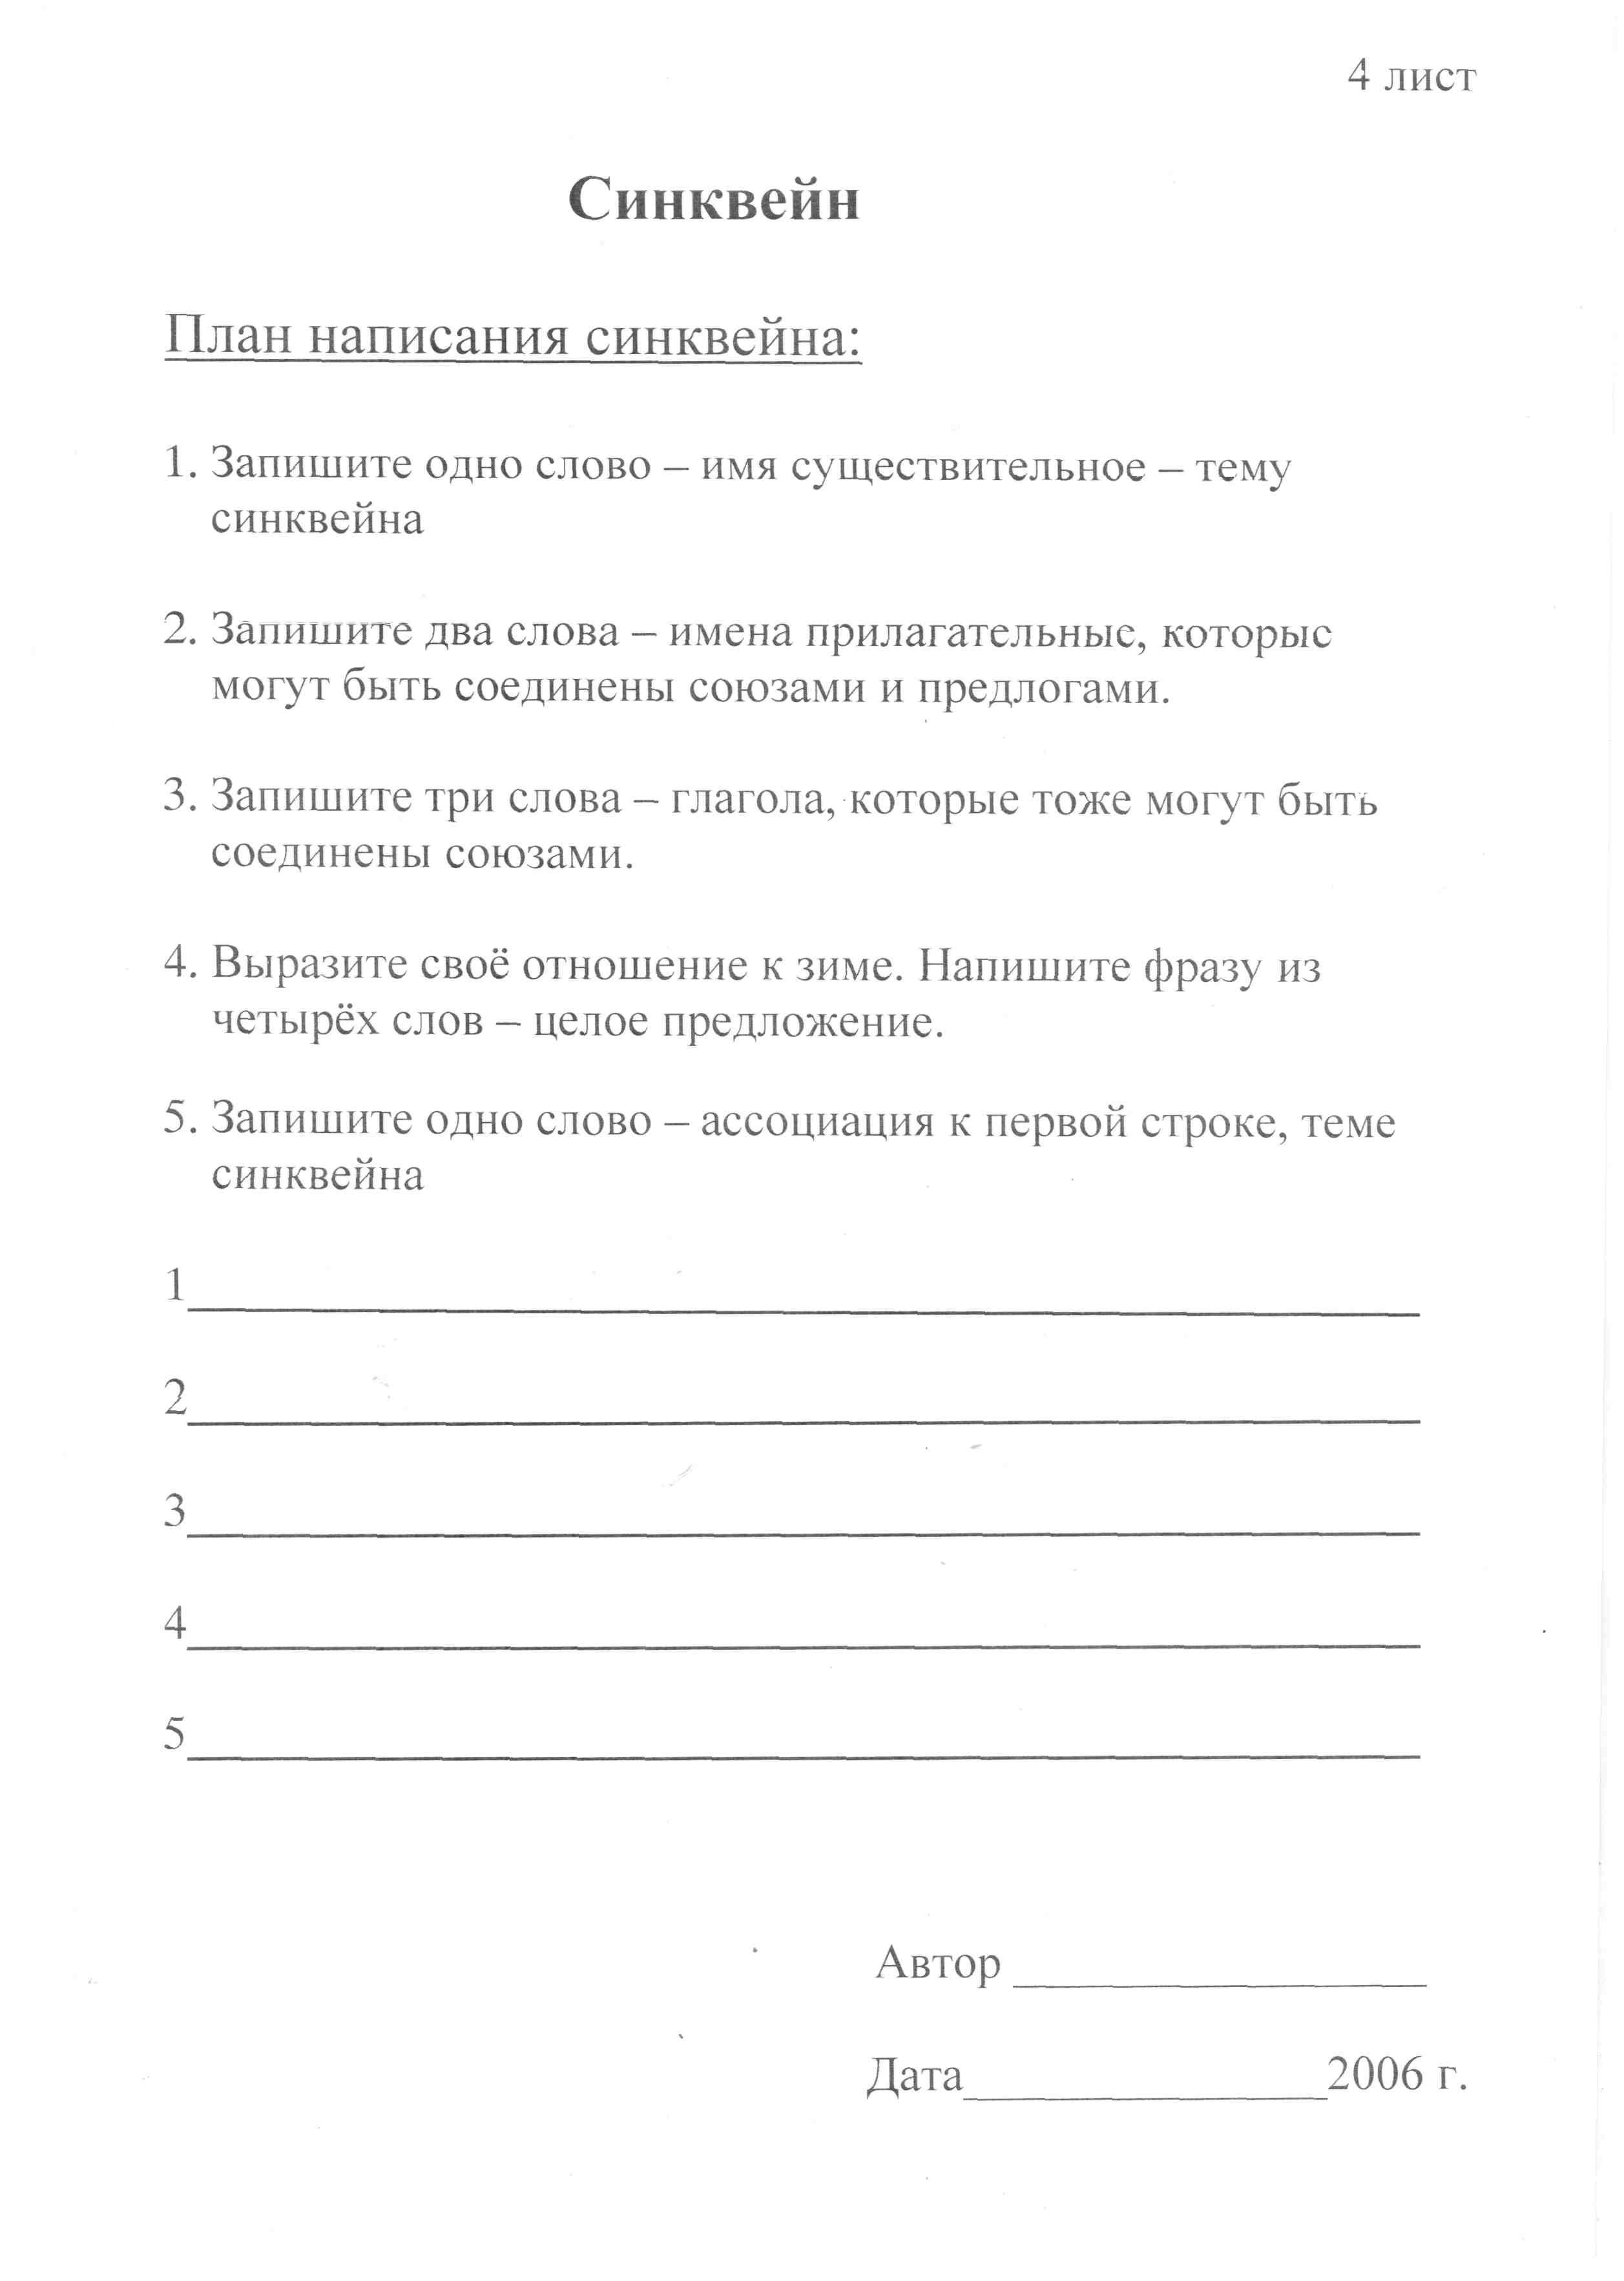 http://festival.1september.ru/articles/580635/pril4.jpg